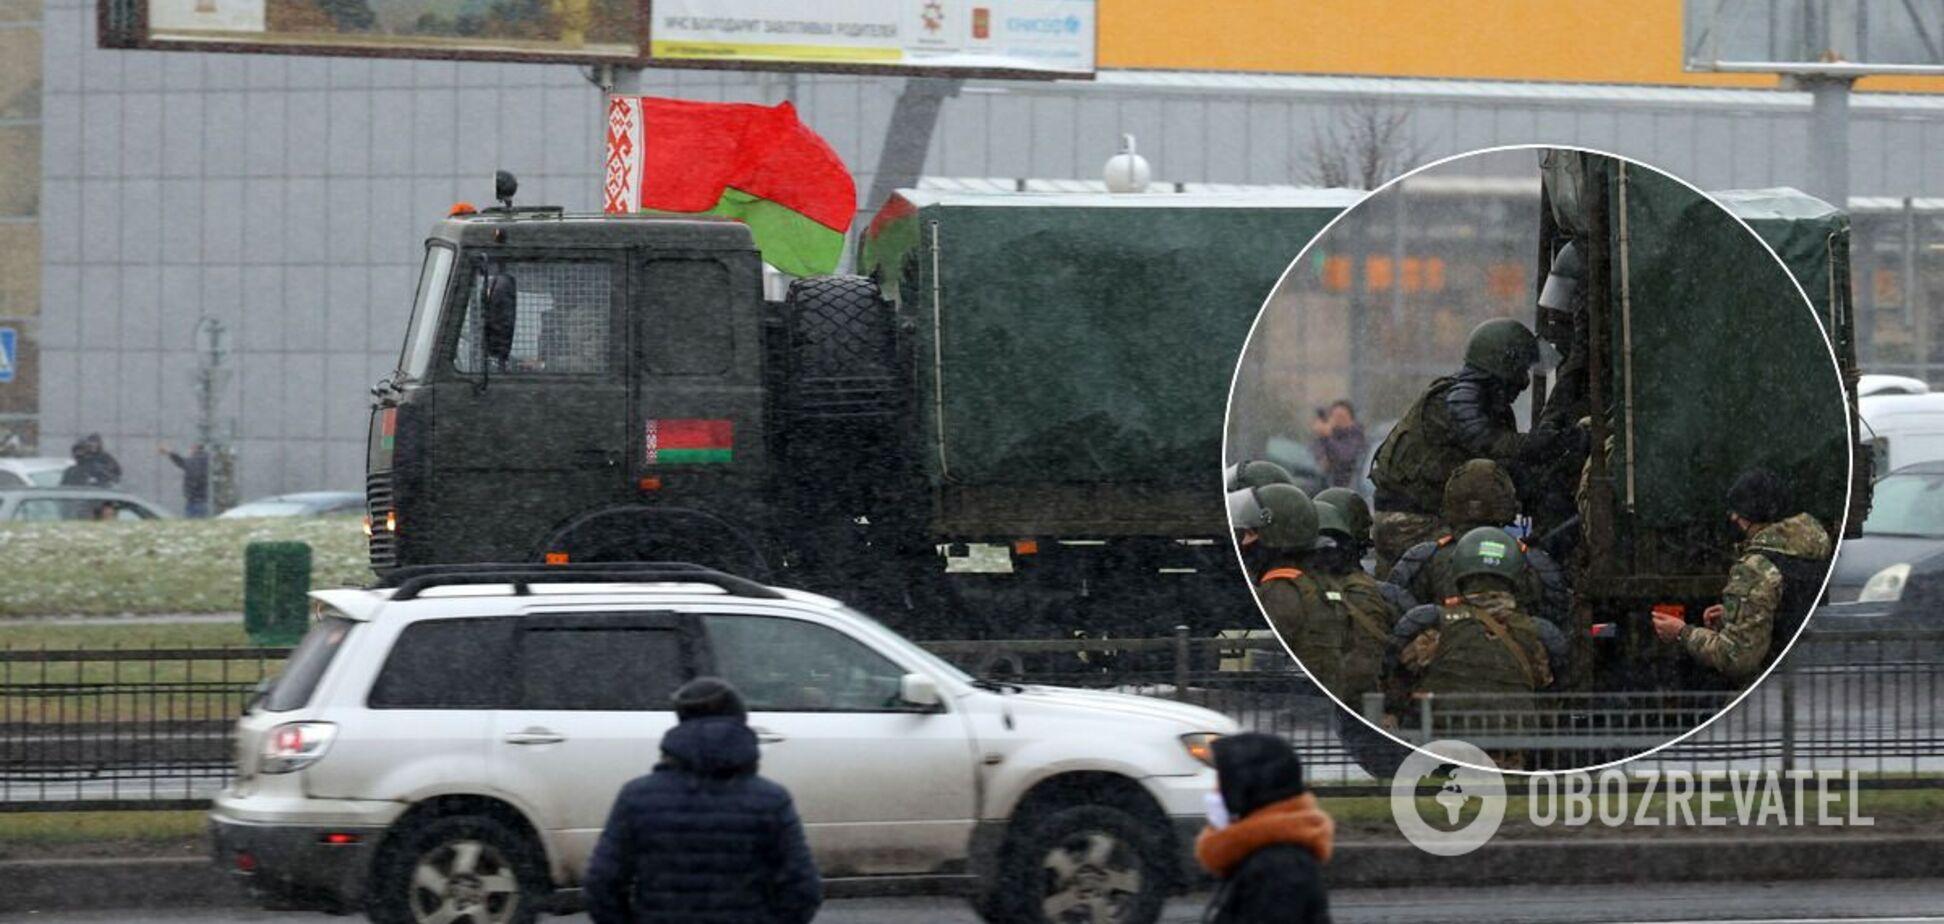 В Минск стянули автозаки, броневики, водометы и другая спецтехника